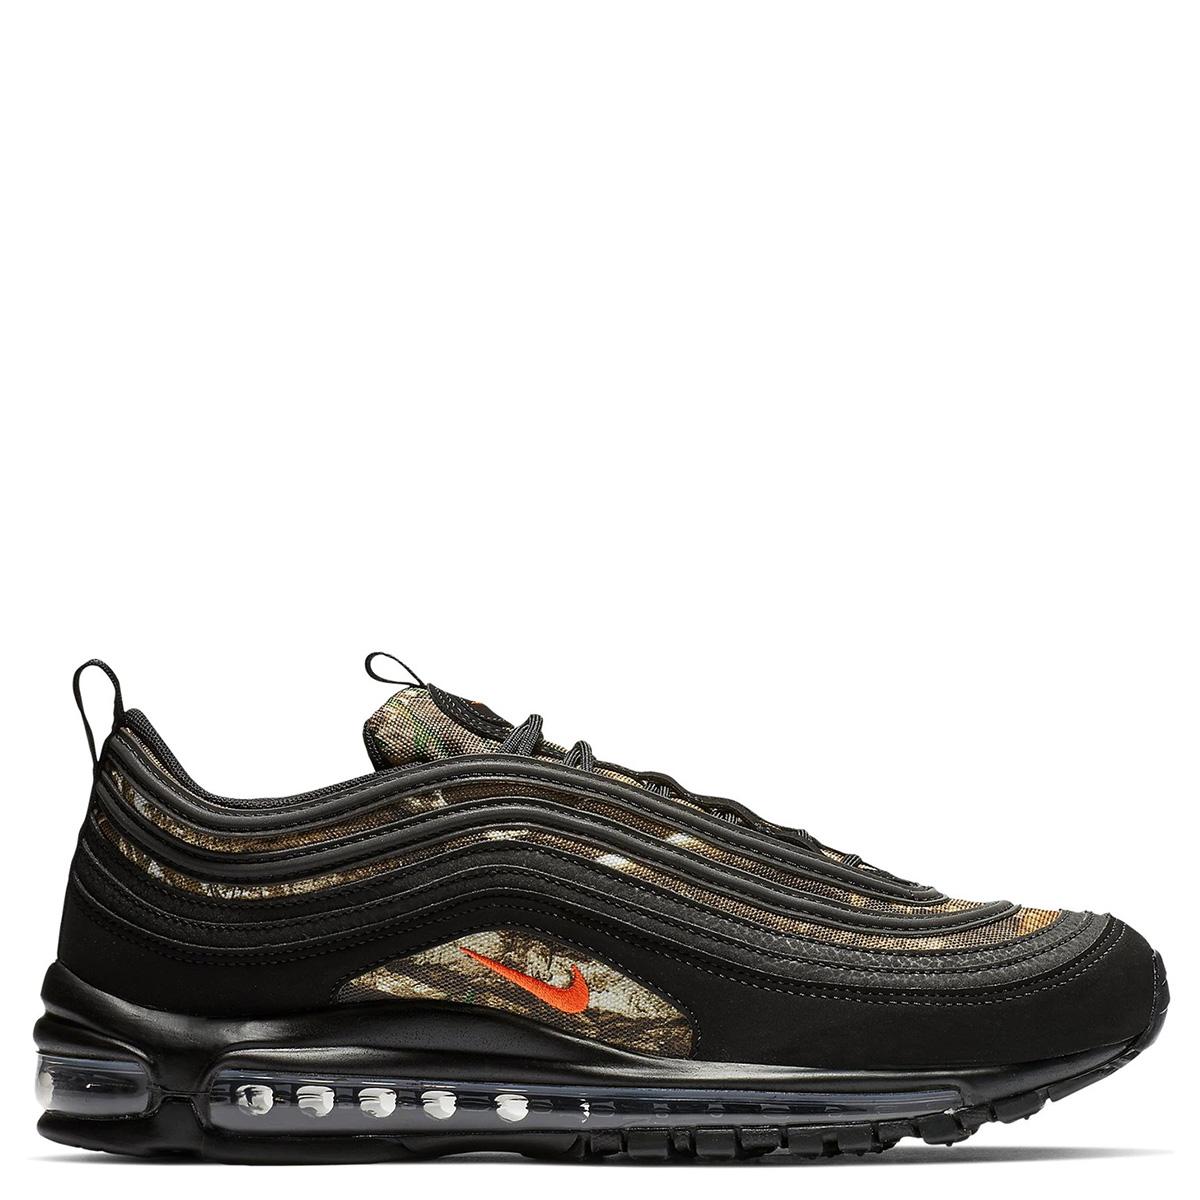 da41dc3e92052 Nike NIKE Air Max 97 sneakers men AIR MAX 97 RLT black black BV7461-001